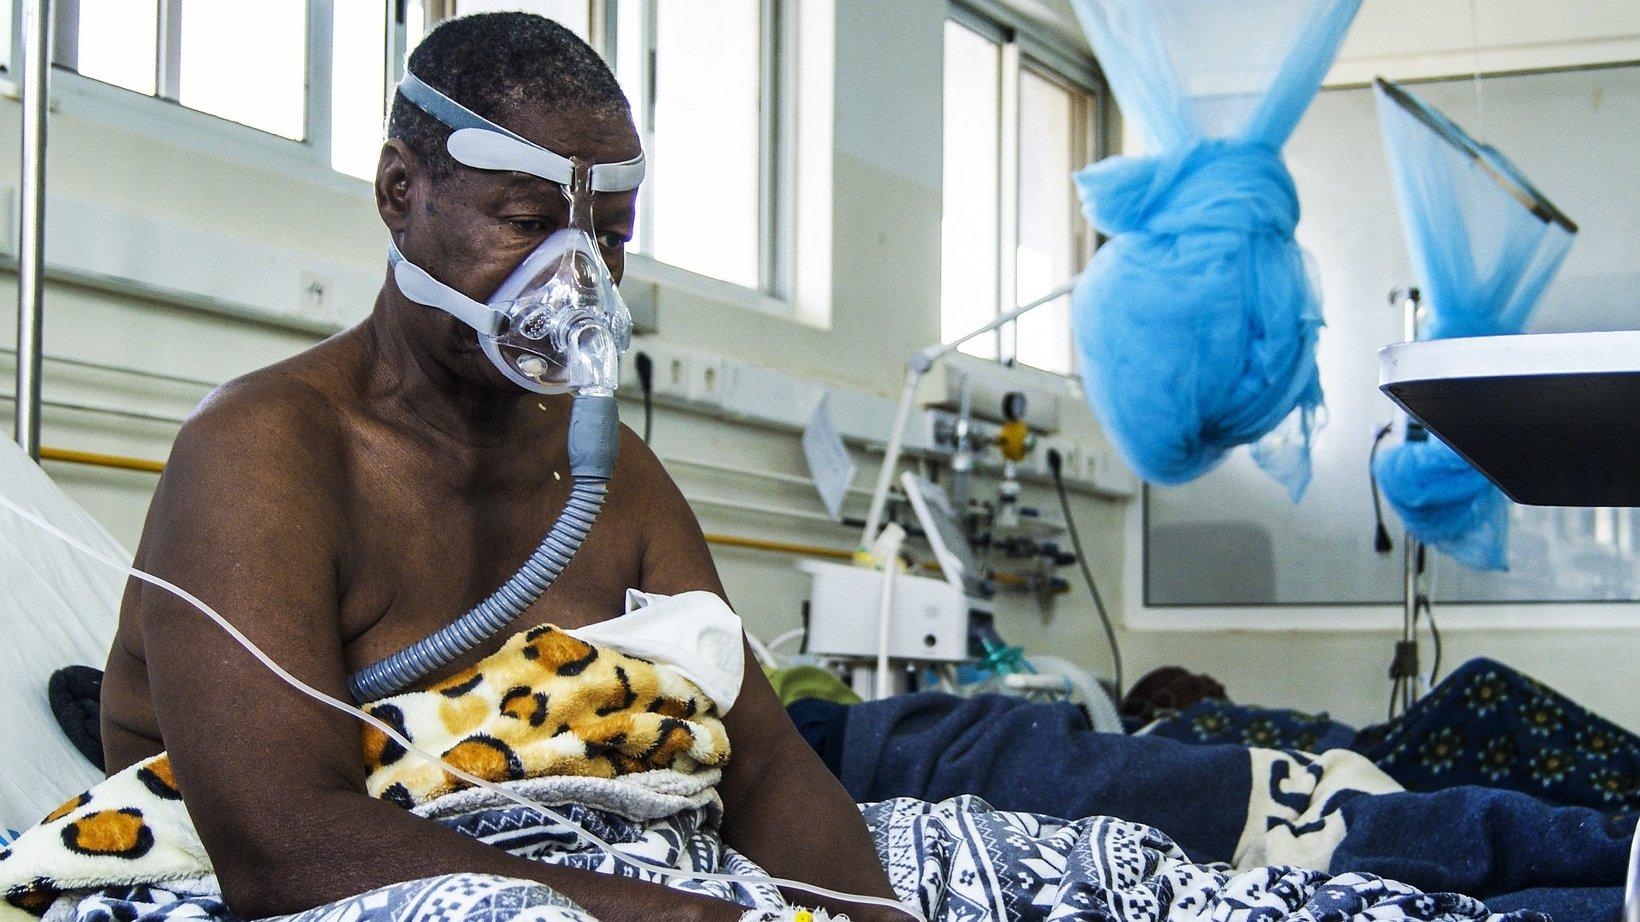 Moçambique: Terceira onda de Covid-19 com pico estimado em três semanas